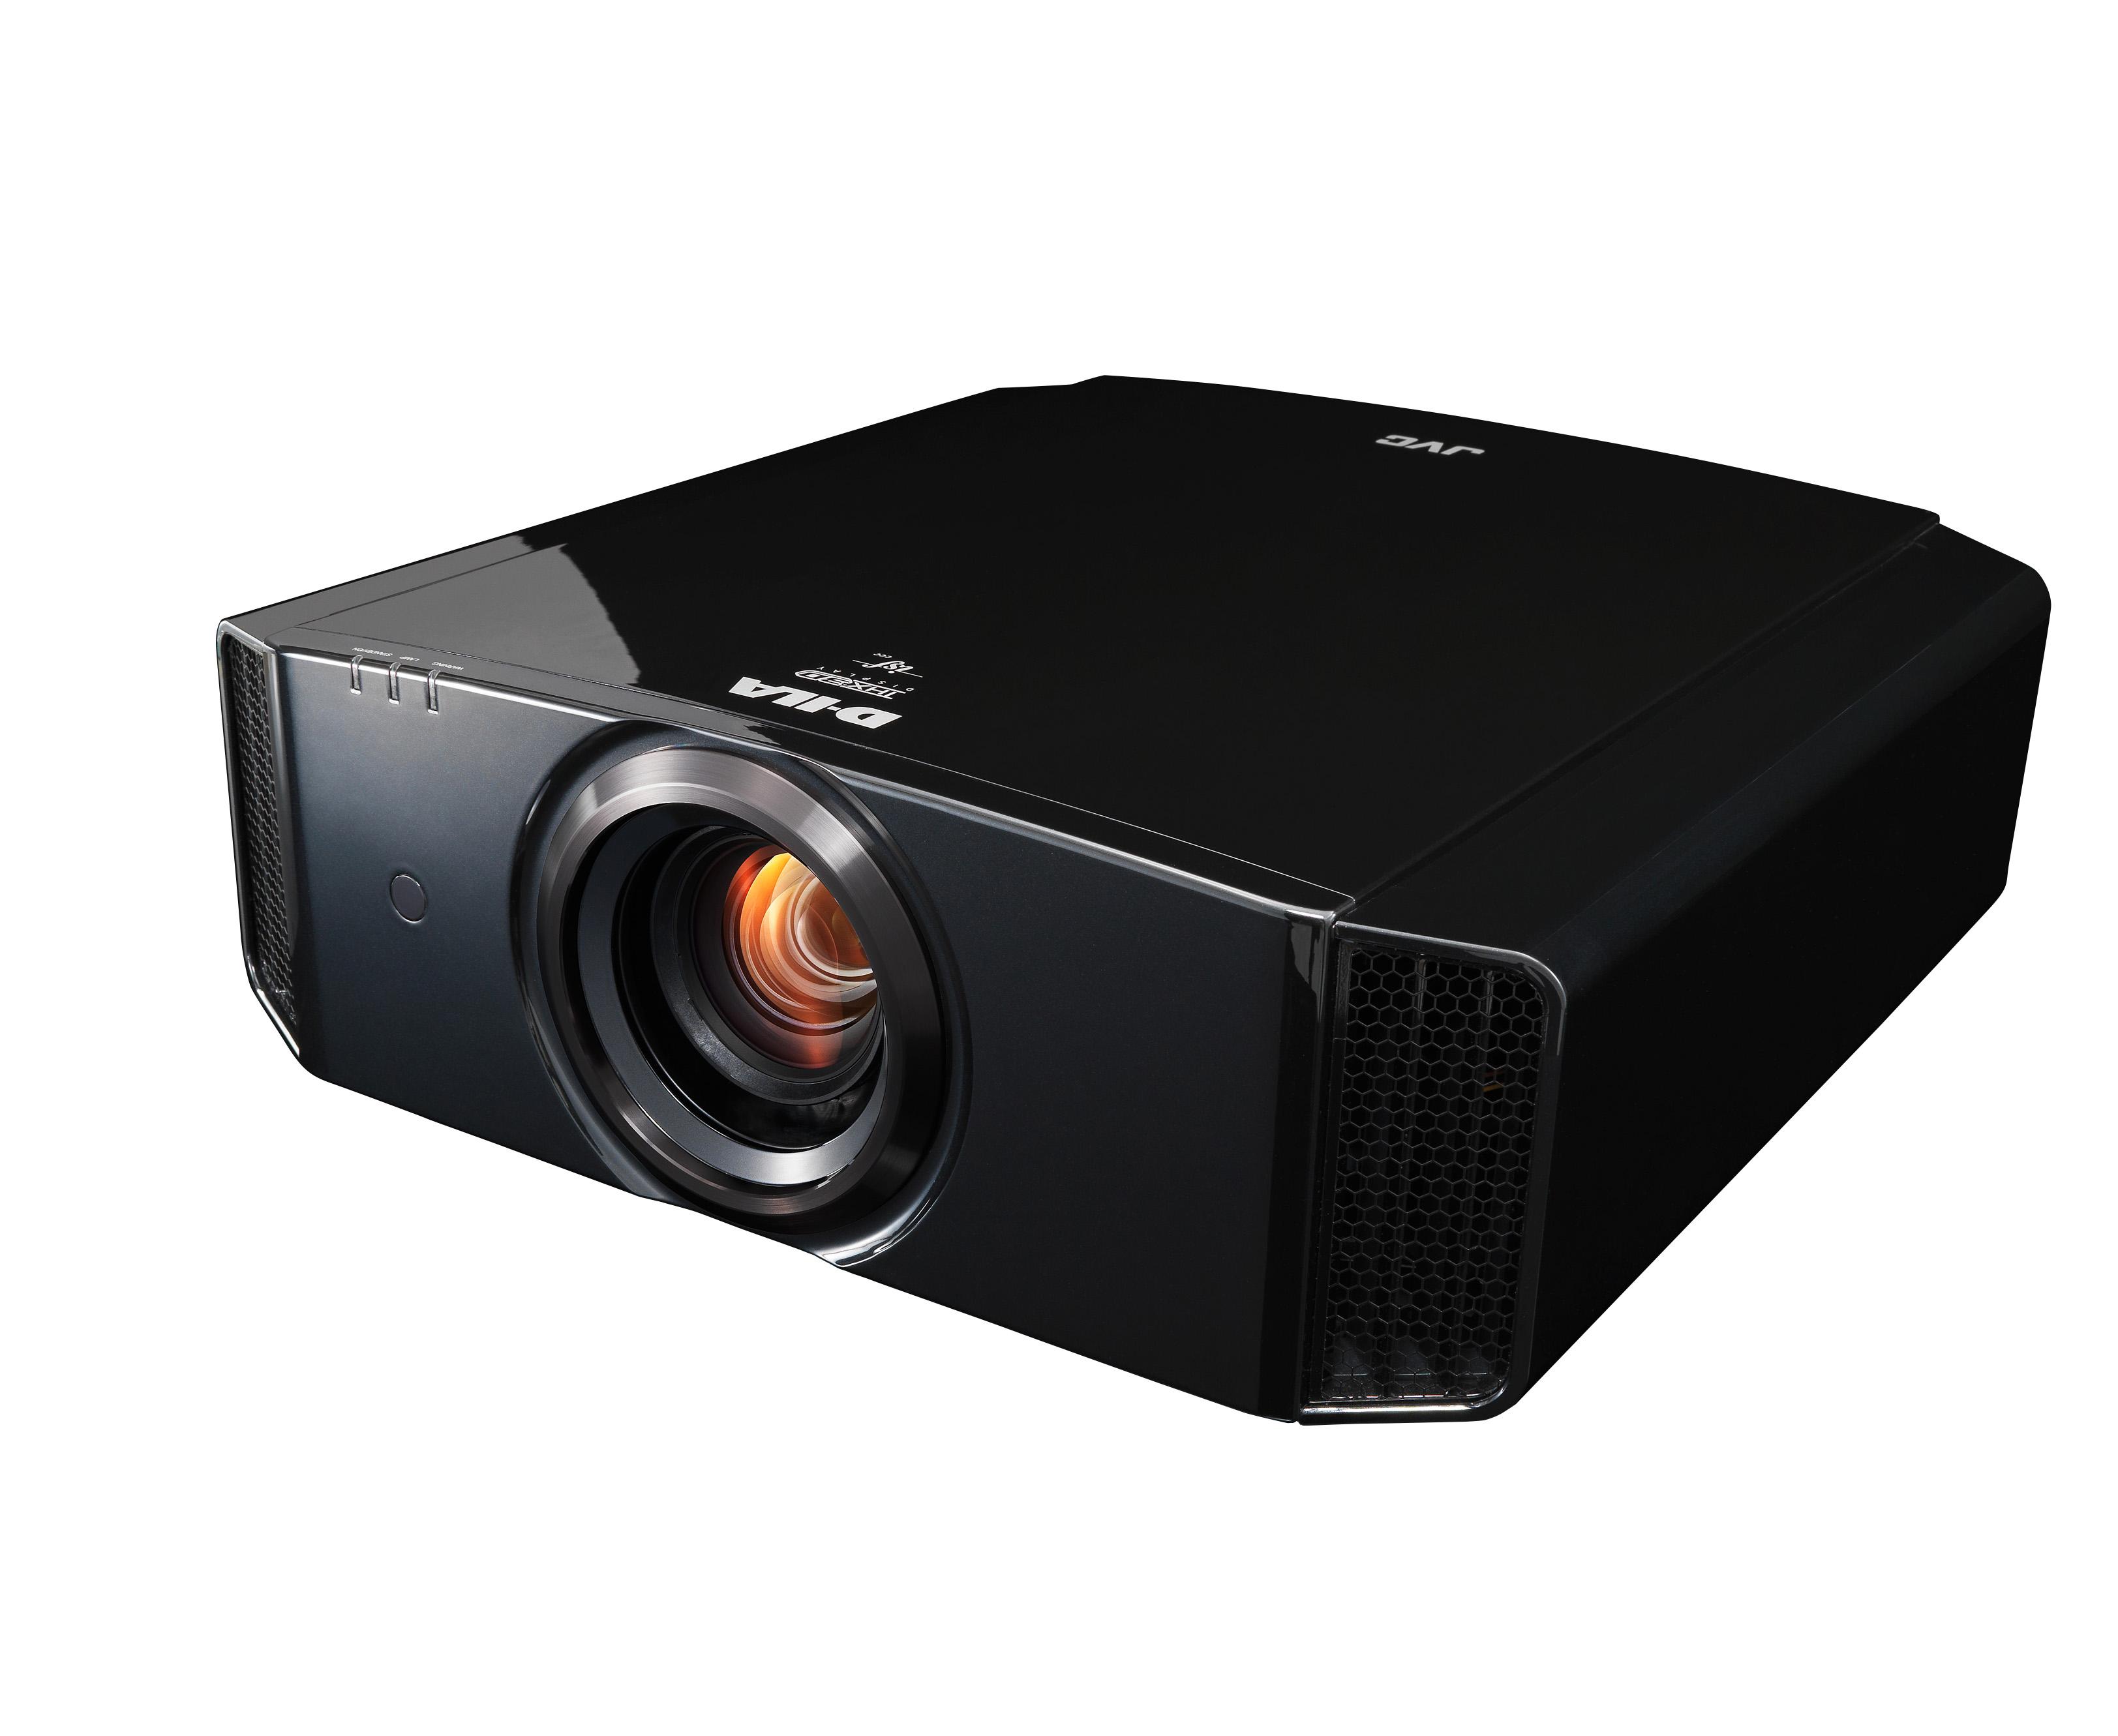 JVC-DLA-X900700